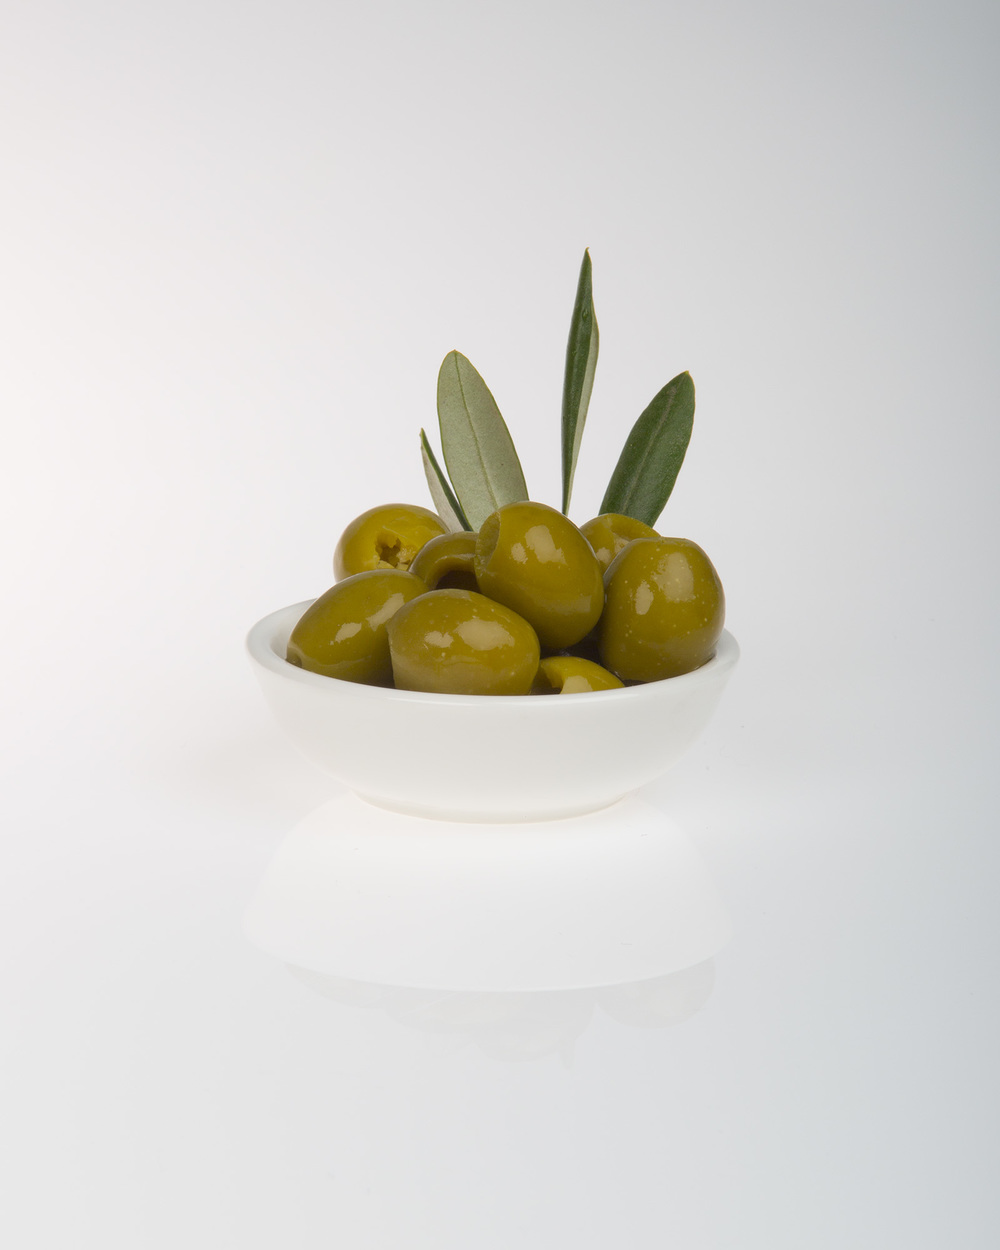 GREEN MANSANILLOS